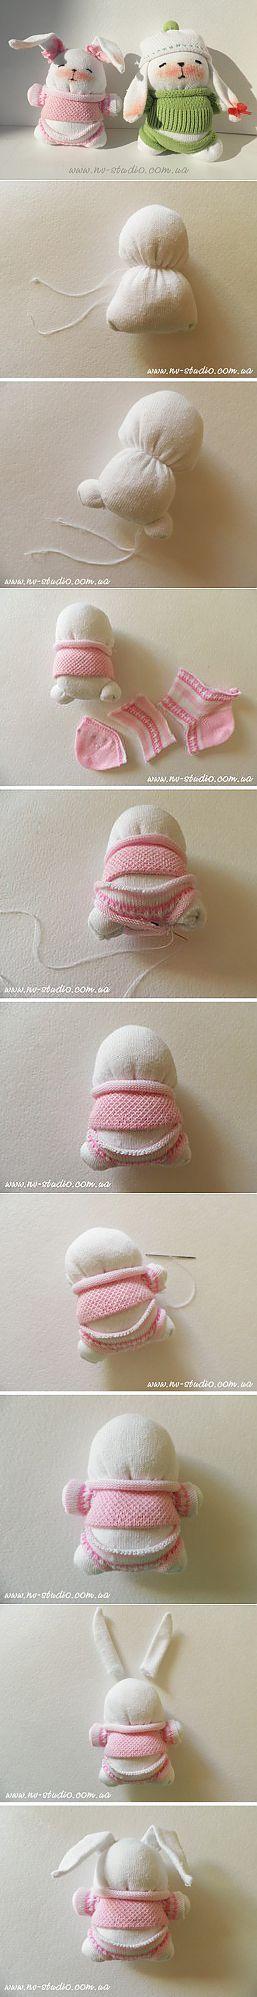 (+1) - Смешные игрушки из носков | СВОИМИ РУКАМИ | Игрушки | Постила